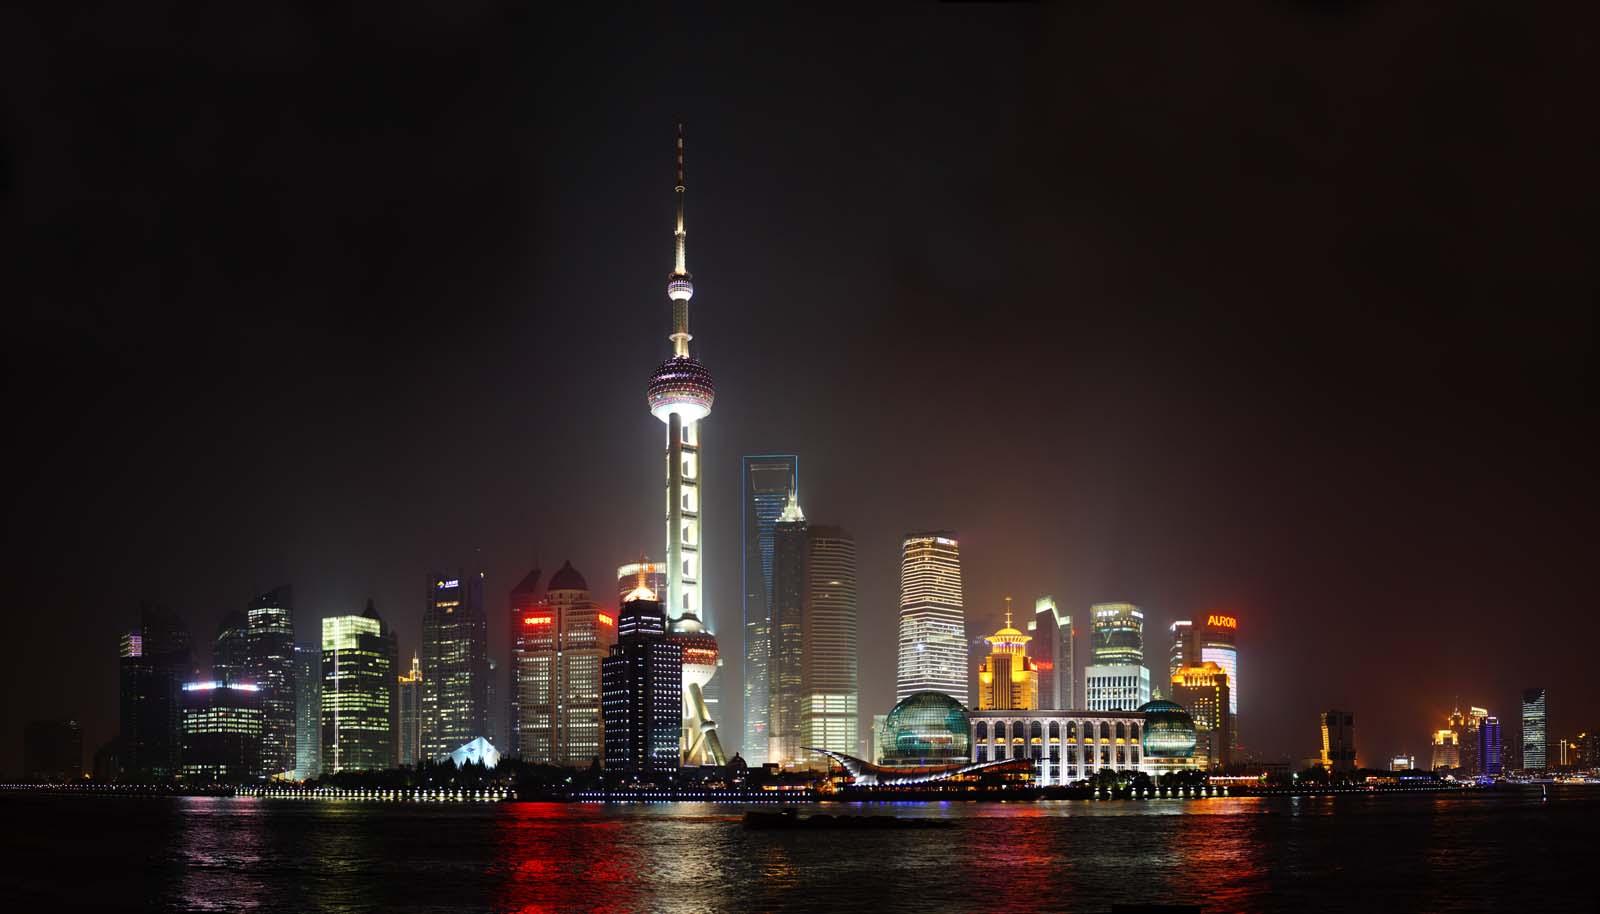 写真,素材,無料,フリー,フォト,クリエイティブ・コモンズ,風景,壁紙,上海の夜景, 東方明珠電視塔, 川, ネオン, ライトアップ